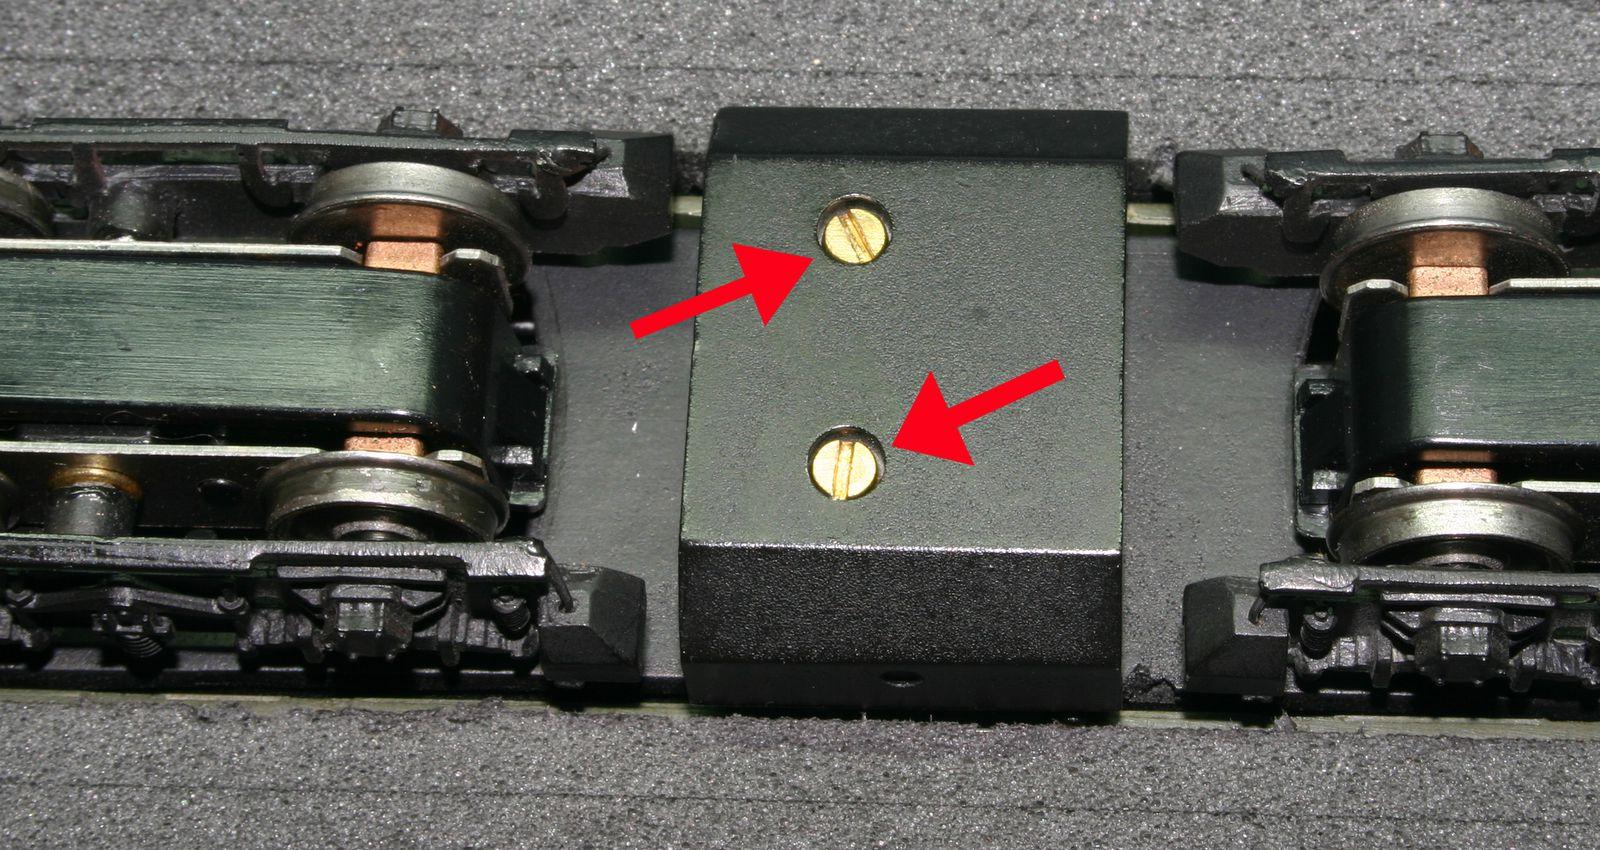 3 ème opération je dois isoler du chassis la conexion sous le moteur  en intercalant une bande de carton entre ceux -ci. Pour cela je dévisse les 2 vis de maintien du réservoir puis les 4 vis de fixation de moteur.